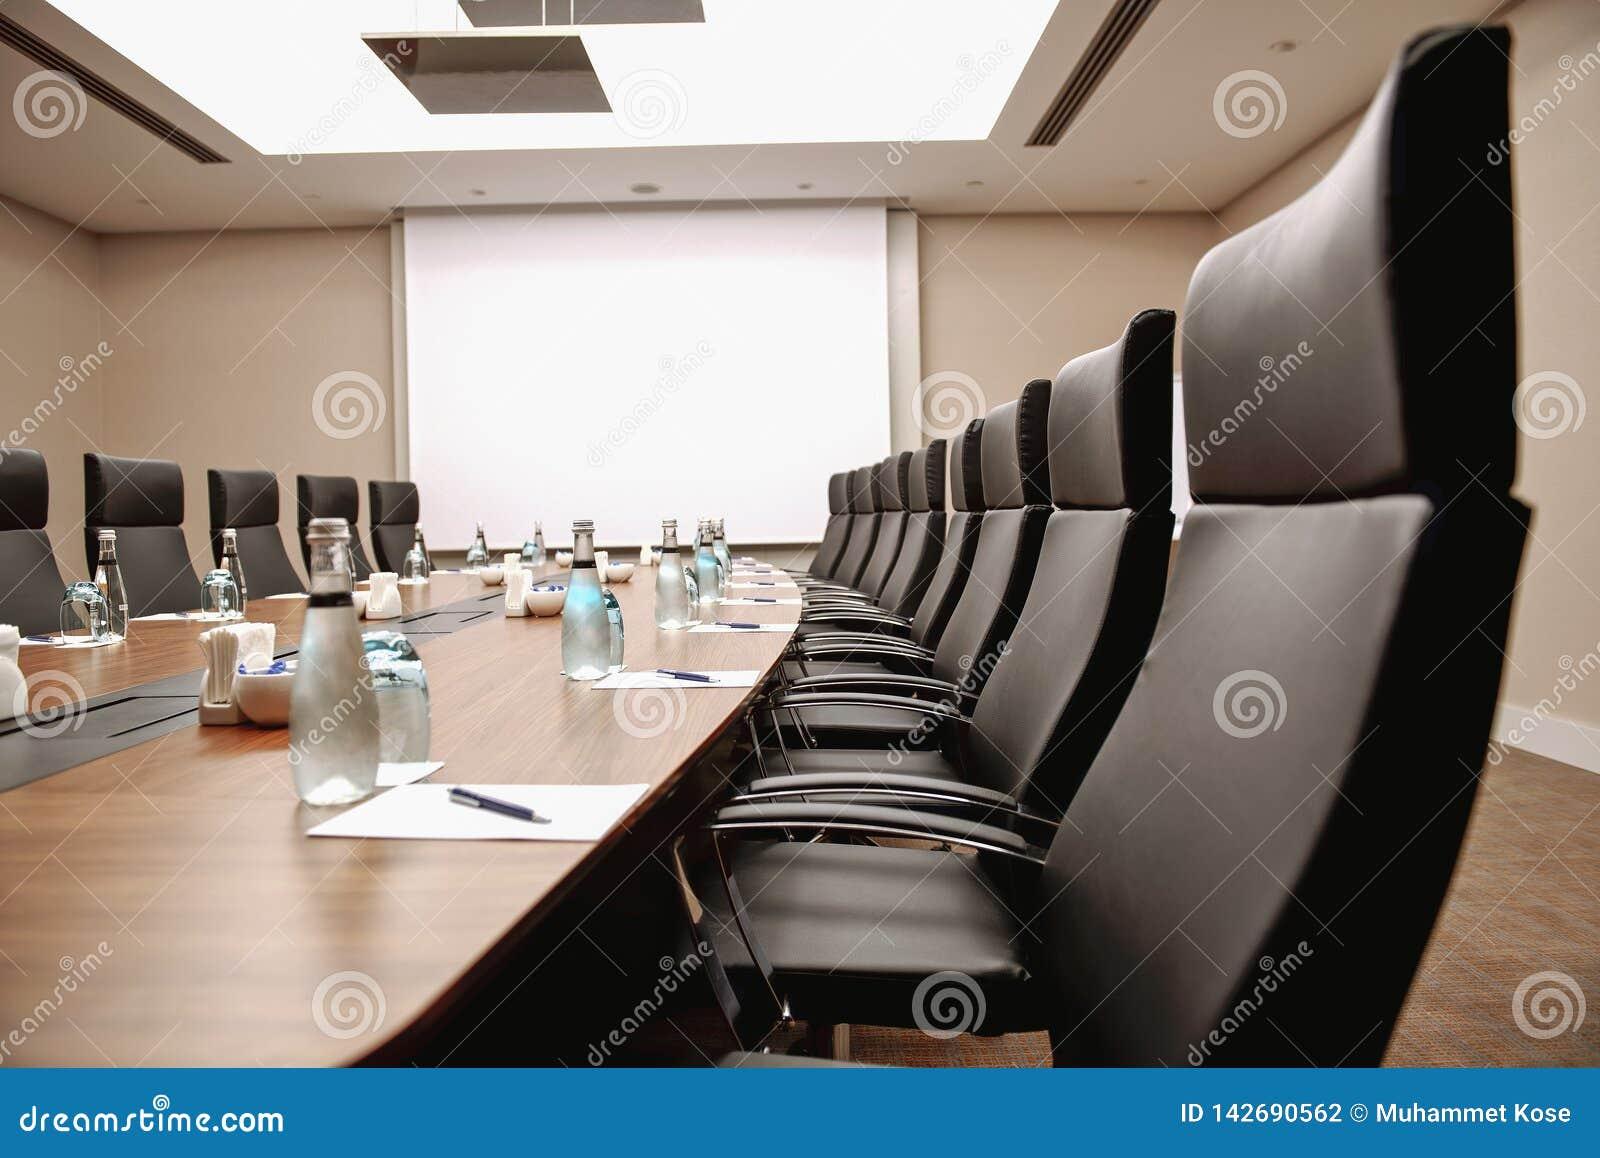 Slut upp inre för tabellkonferensrum